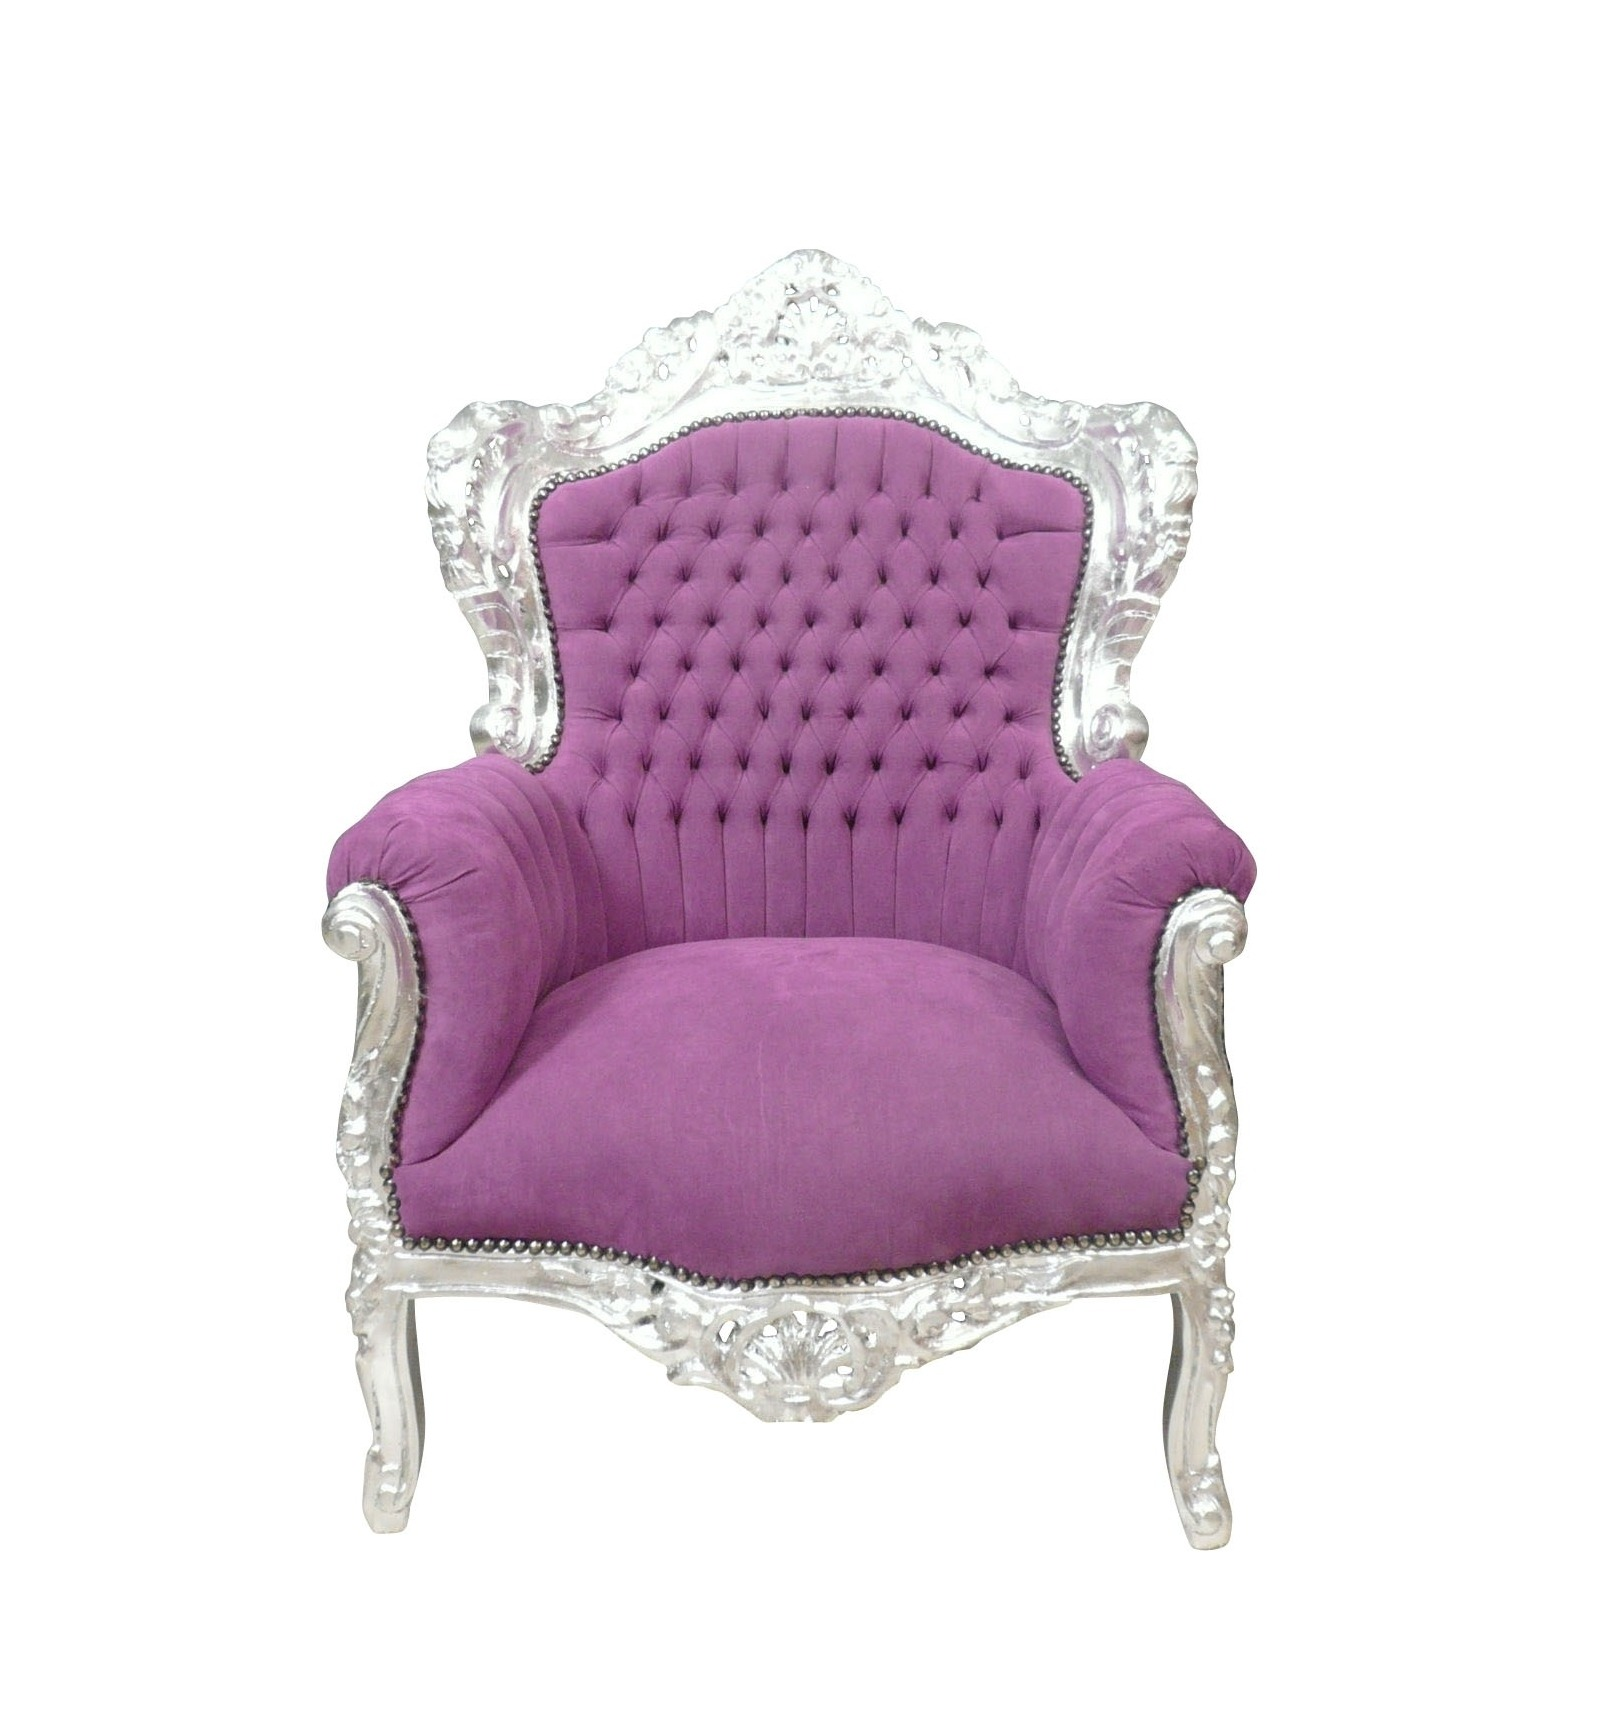 Poltrona barocca viola mobili in stile for Poltrone barocche